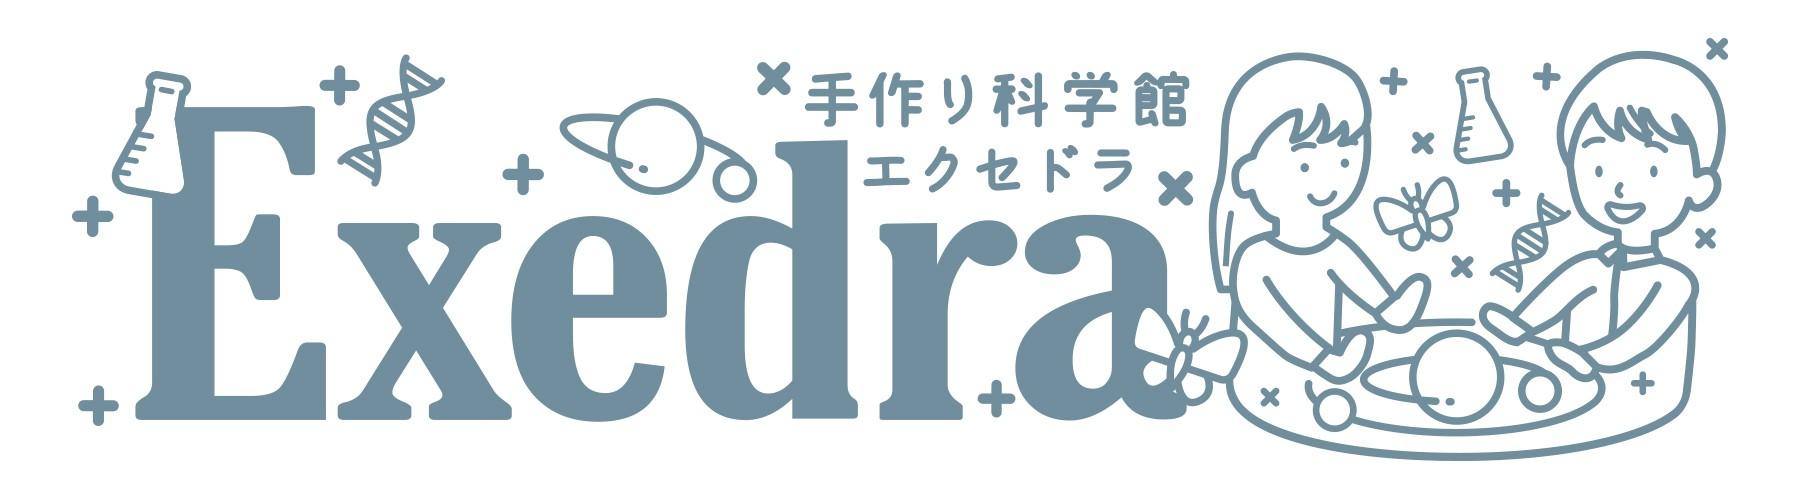 手作り科学館エクセドラロゴ